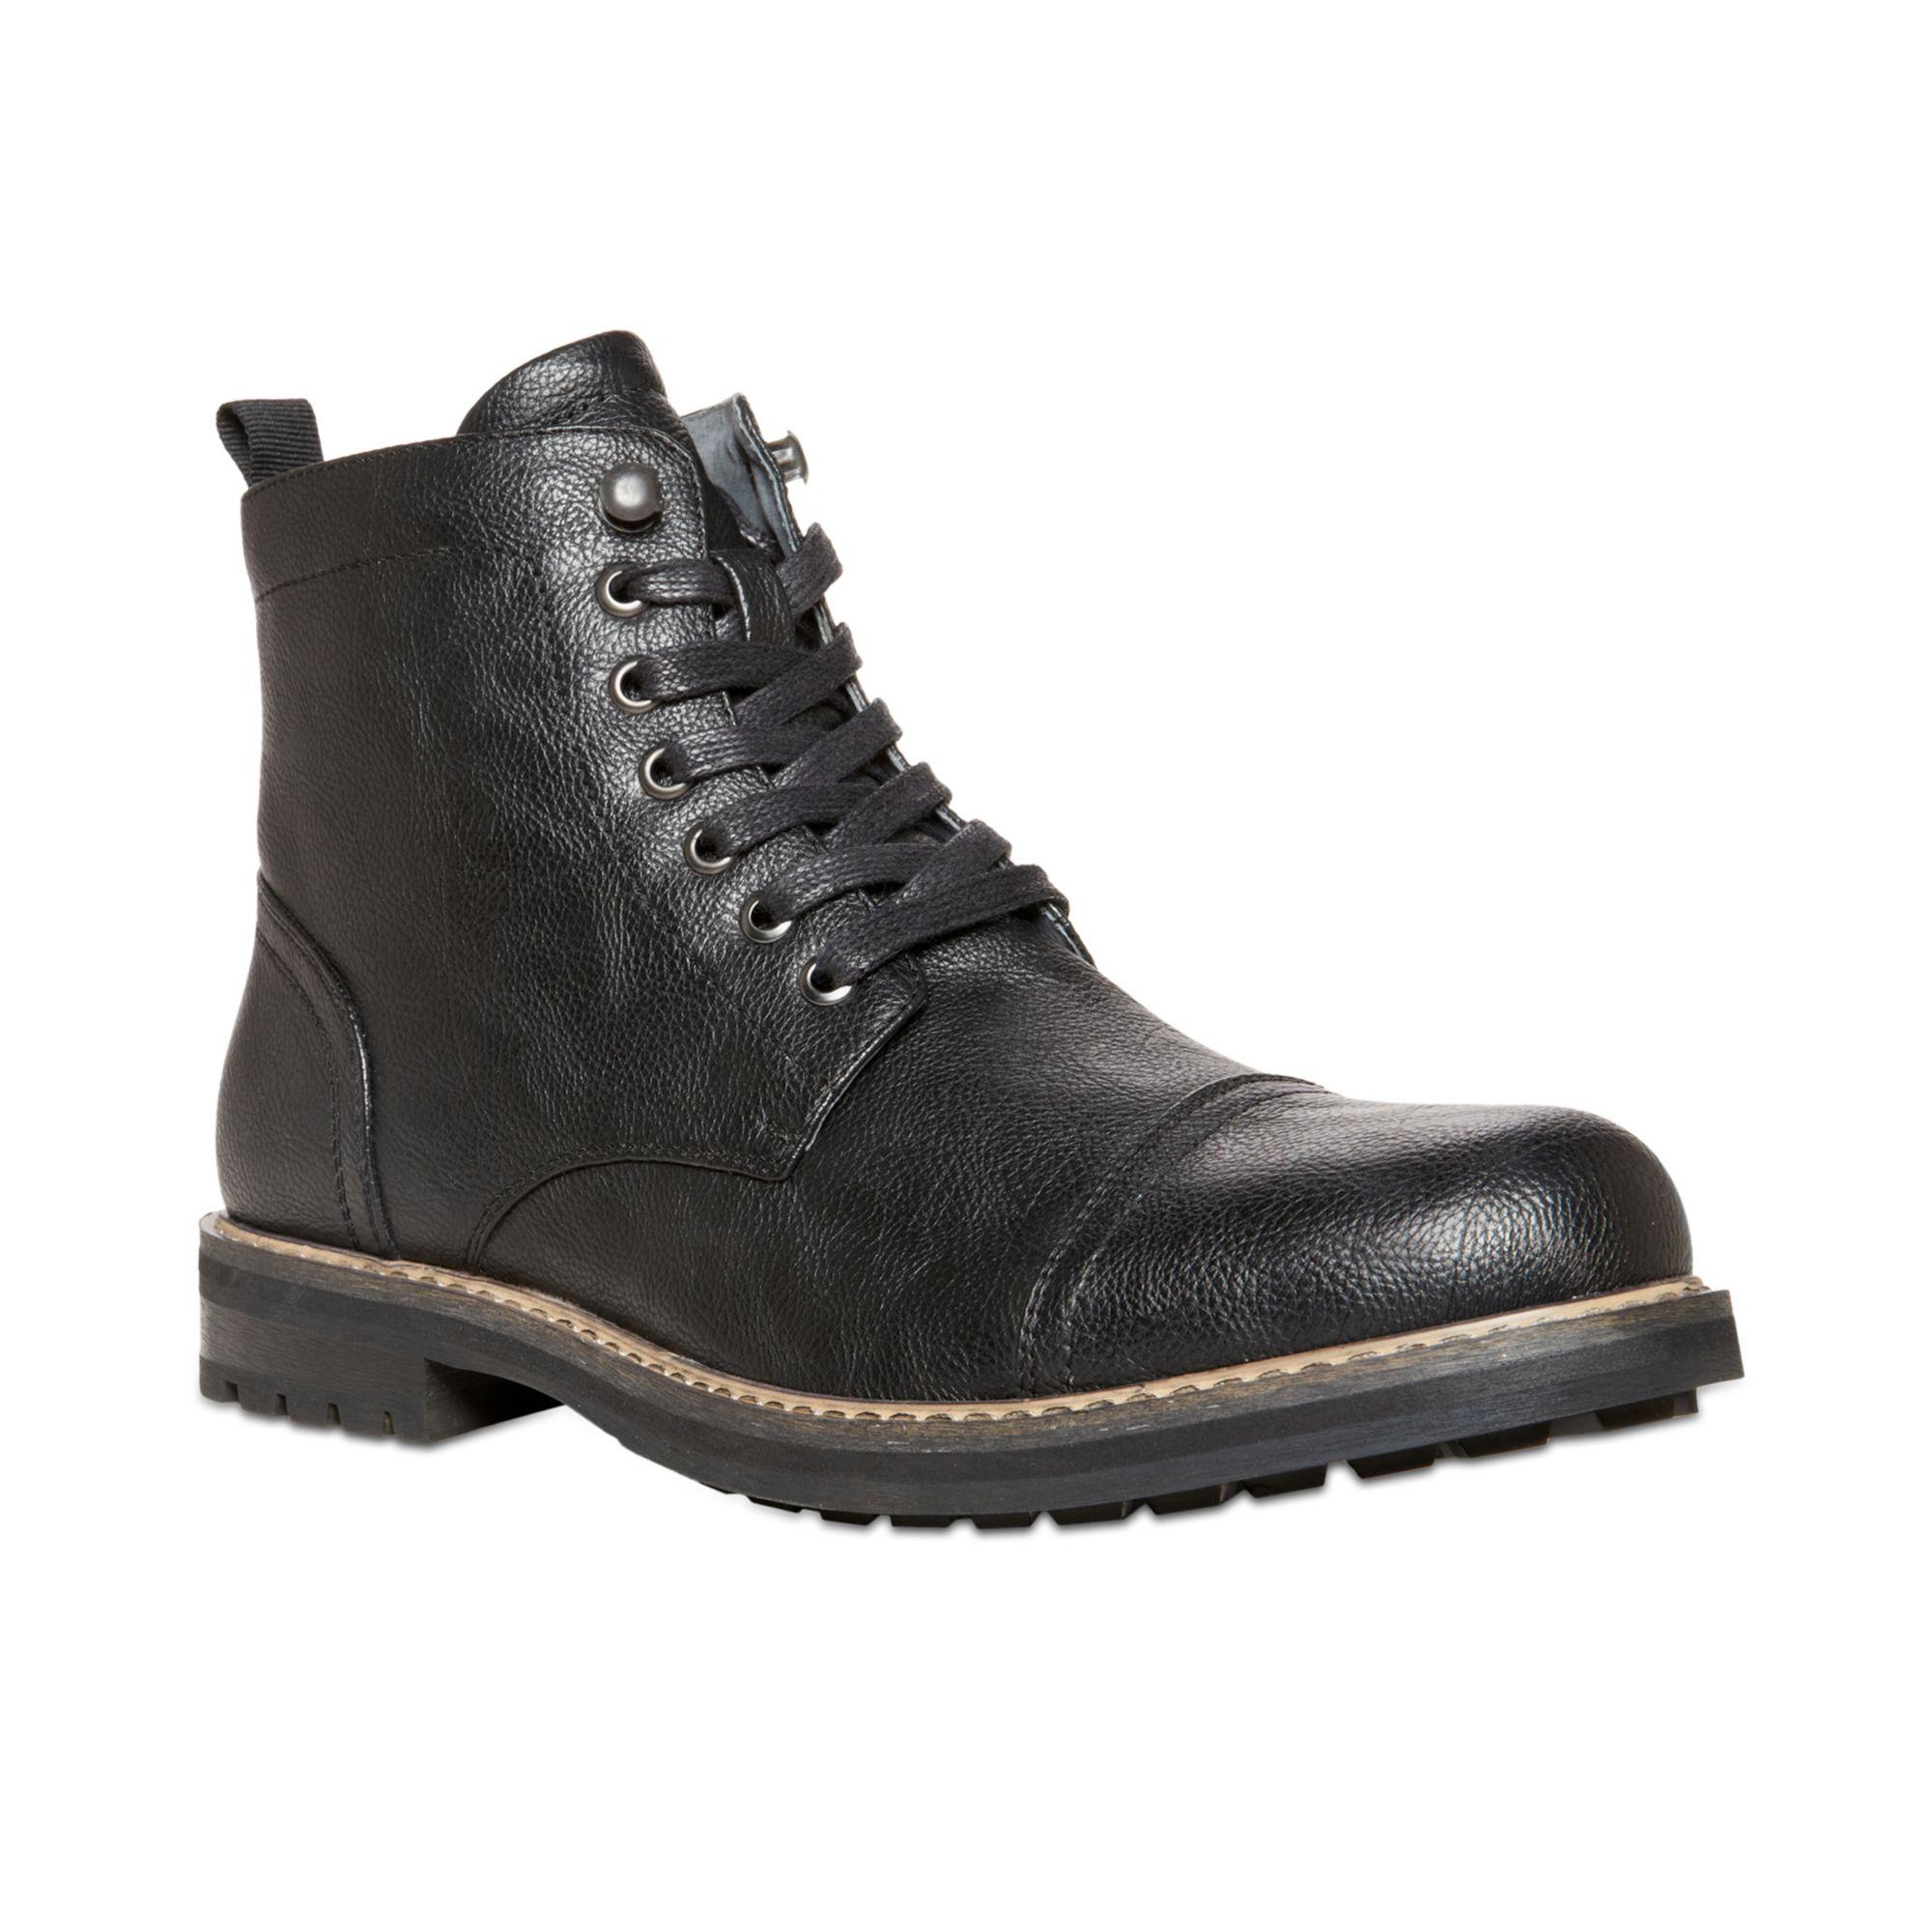 steve madden ignite captoe boots in black for men lyst. Black Bedroom Furniture Sets. Home Design Ideas